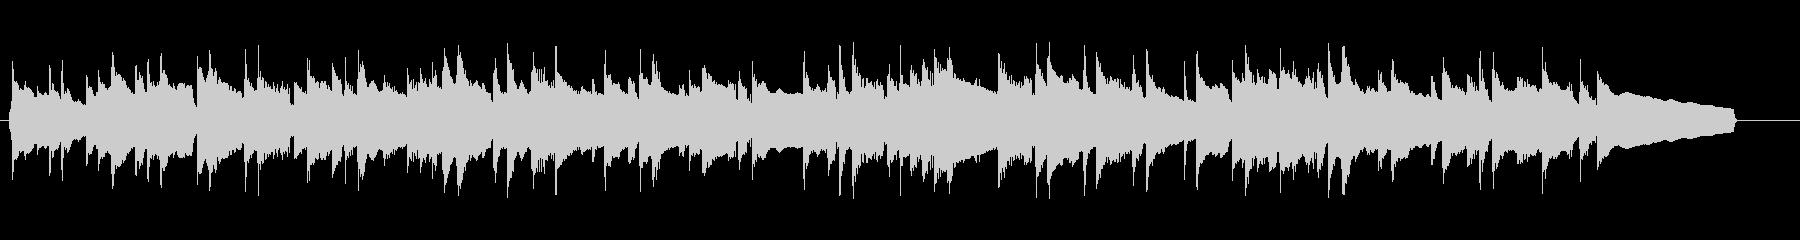 さわやかで切ないピアノのバラードの未再生の波形